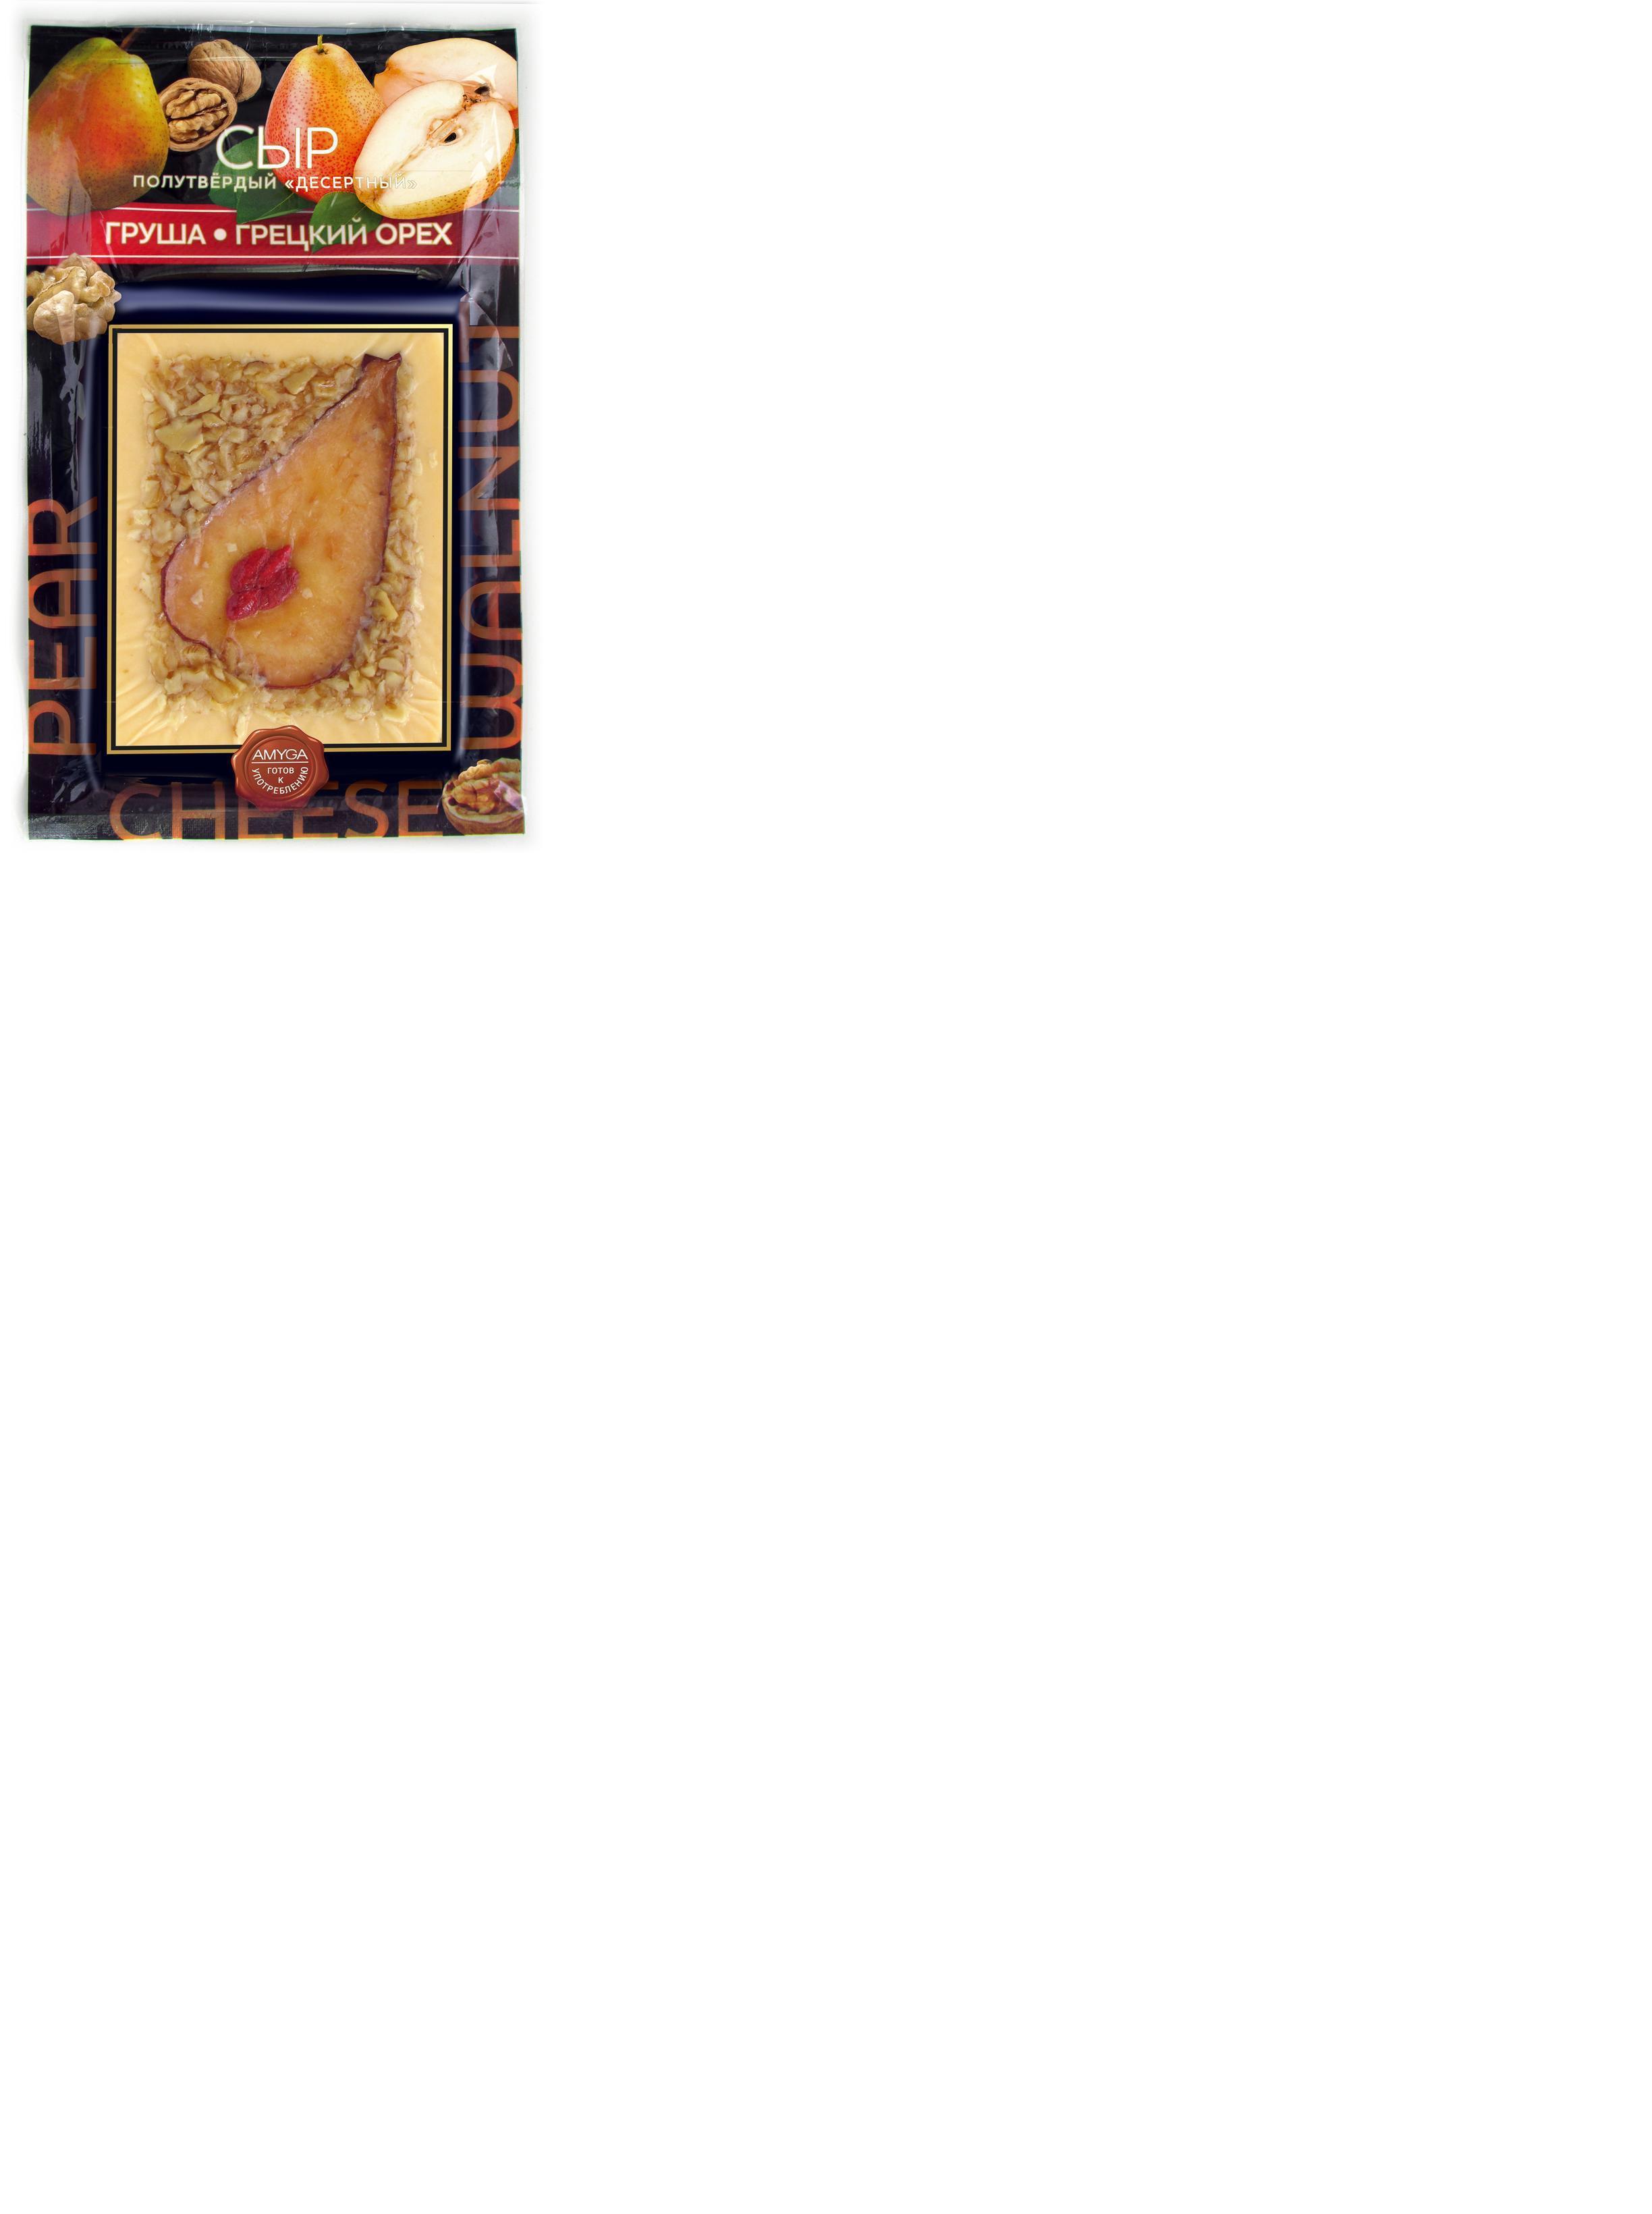 Amyga Сыр Десертный с Грушей и Грецким орехом, 150 г село зеленое сыр гауда премиум 40% 250 г